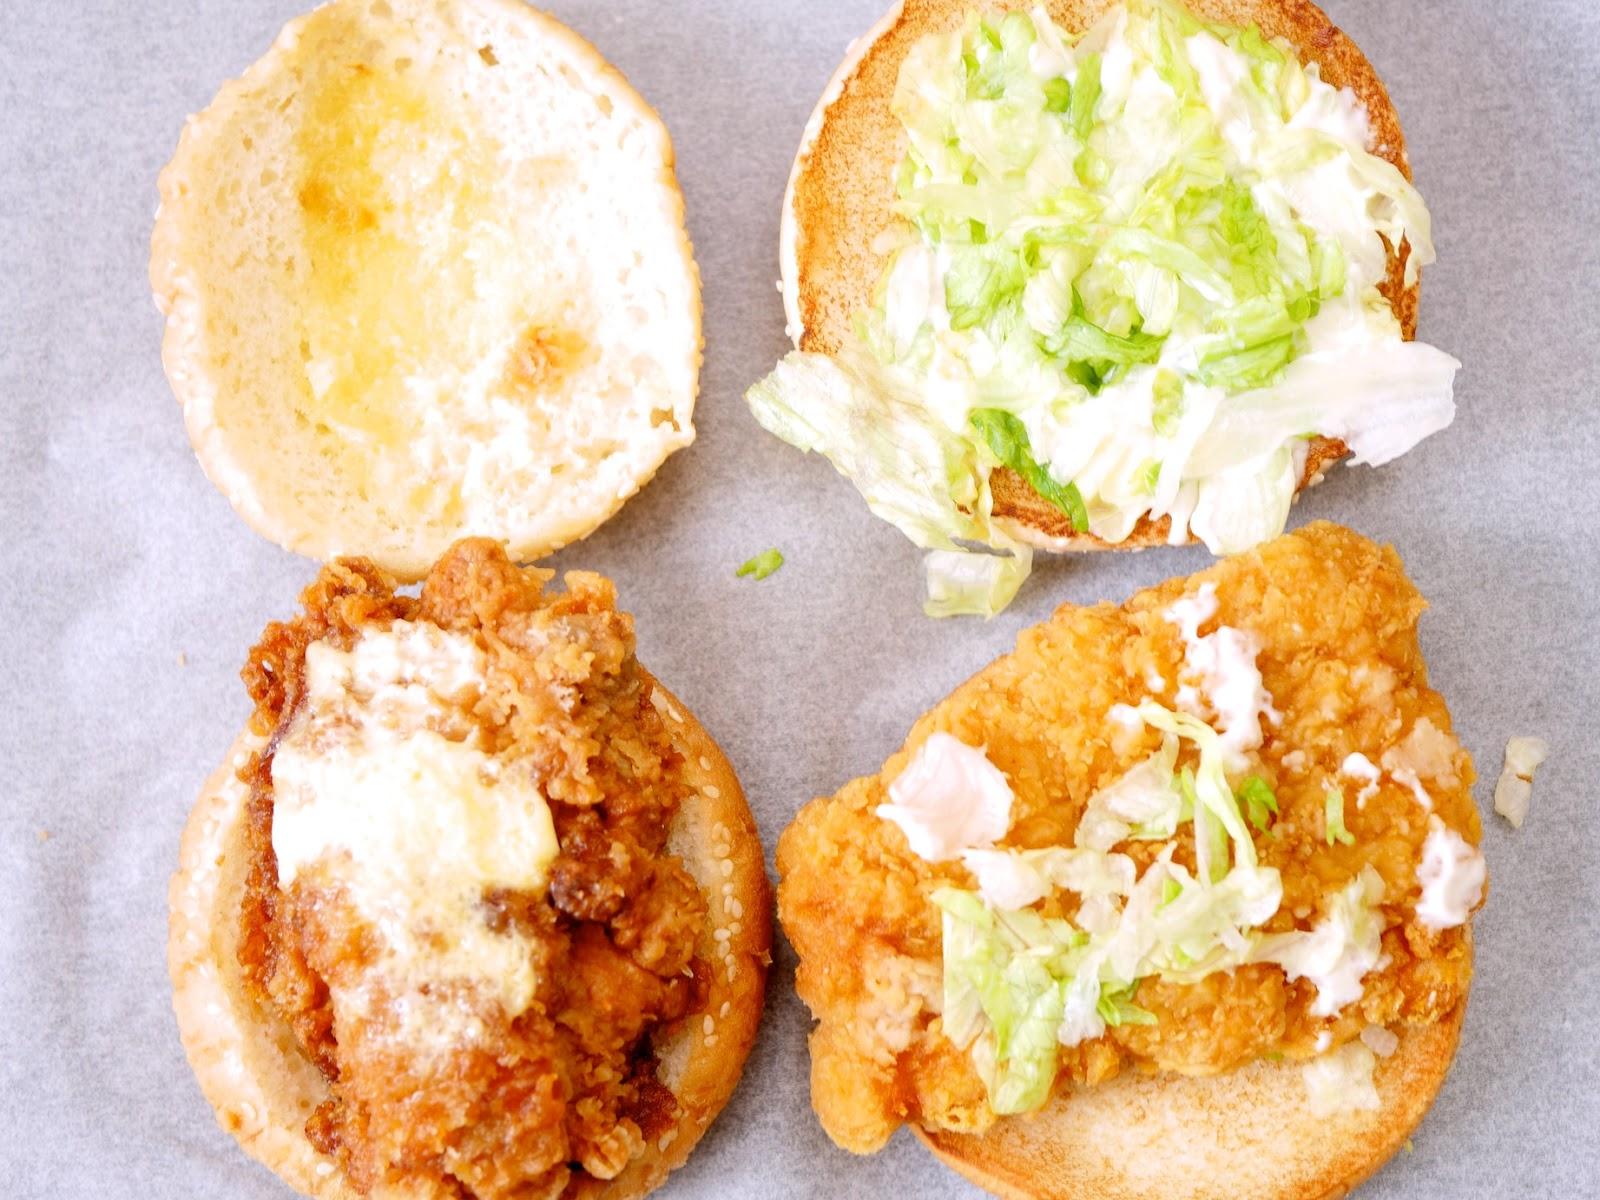 7-11 勁辣雞腿堡 vs 麥當勞勁辣雞腿堡